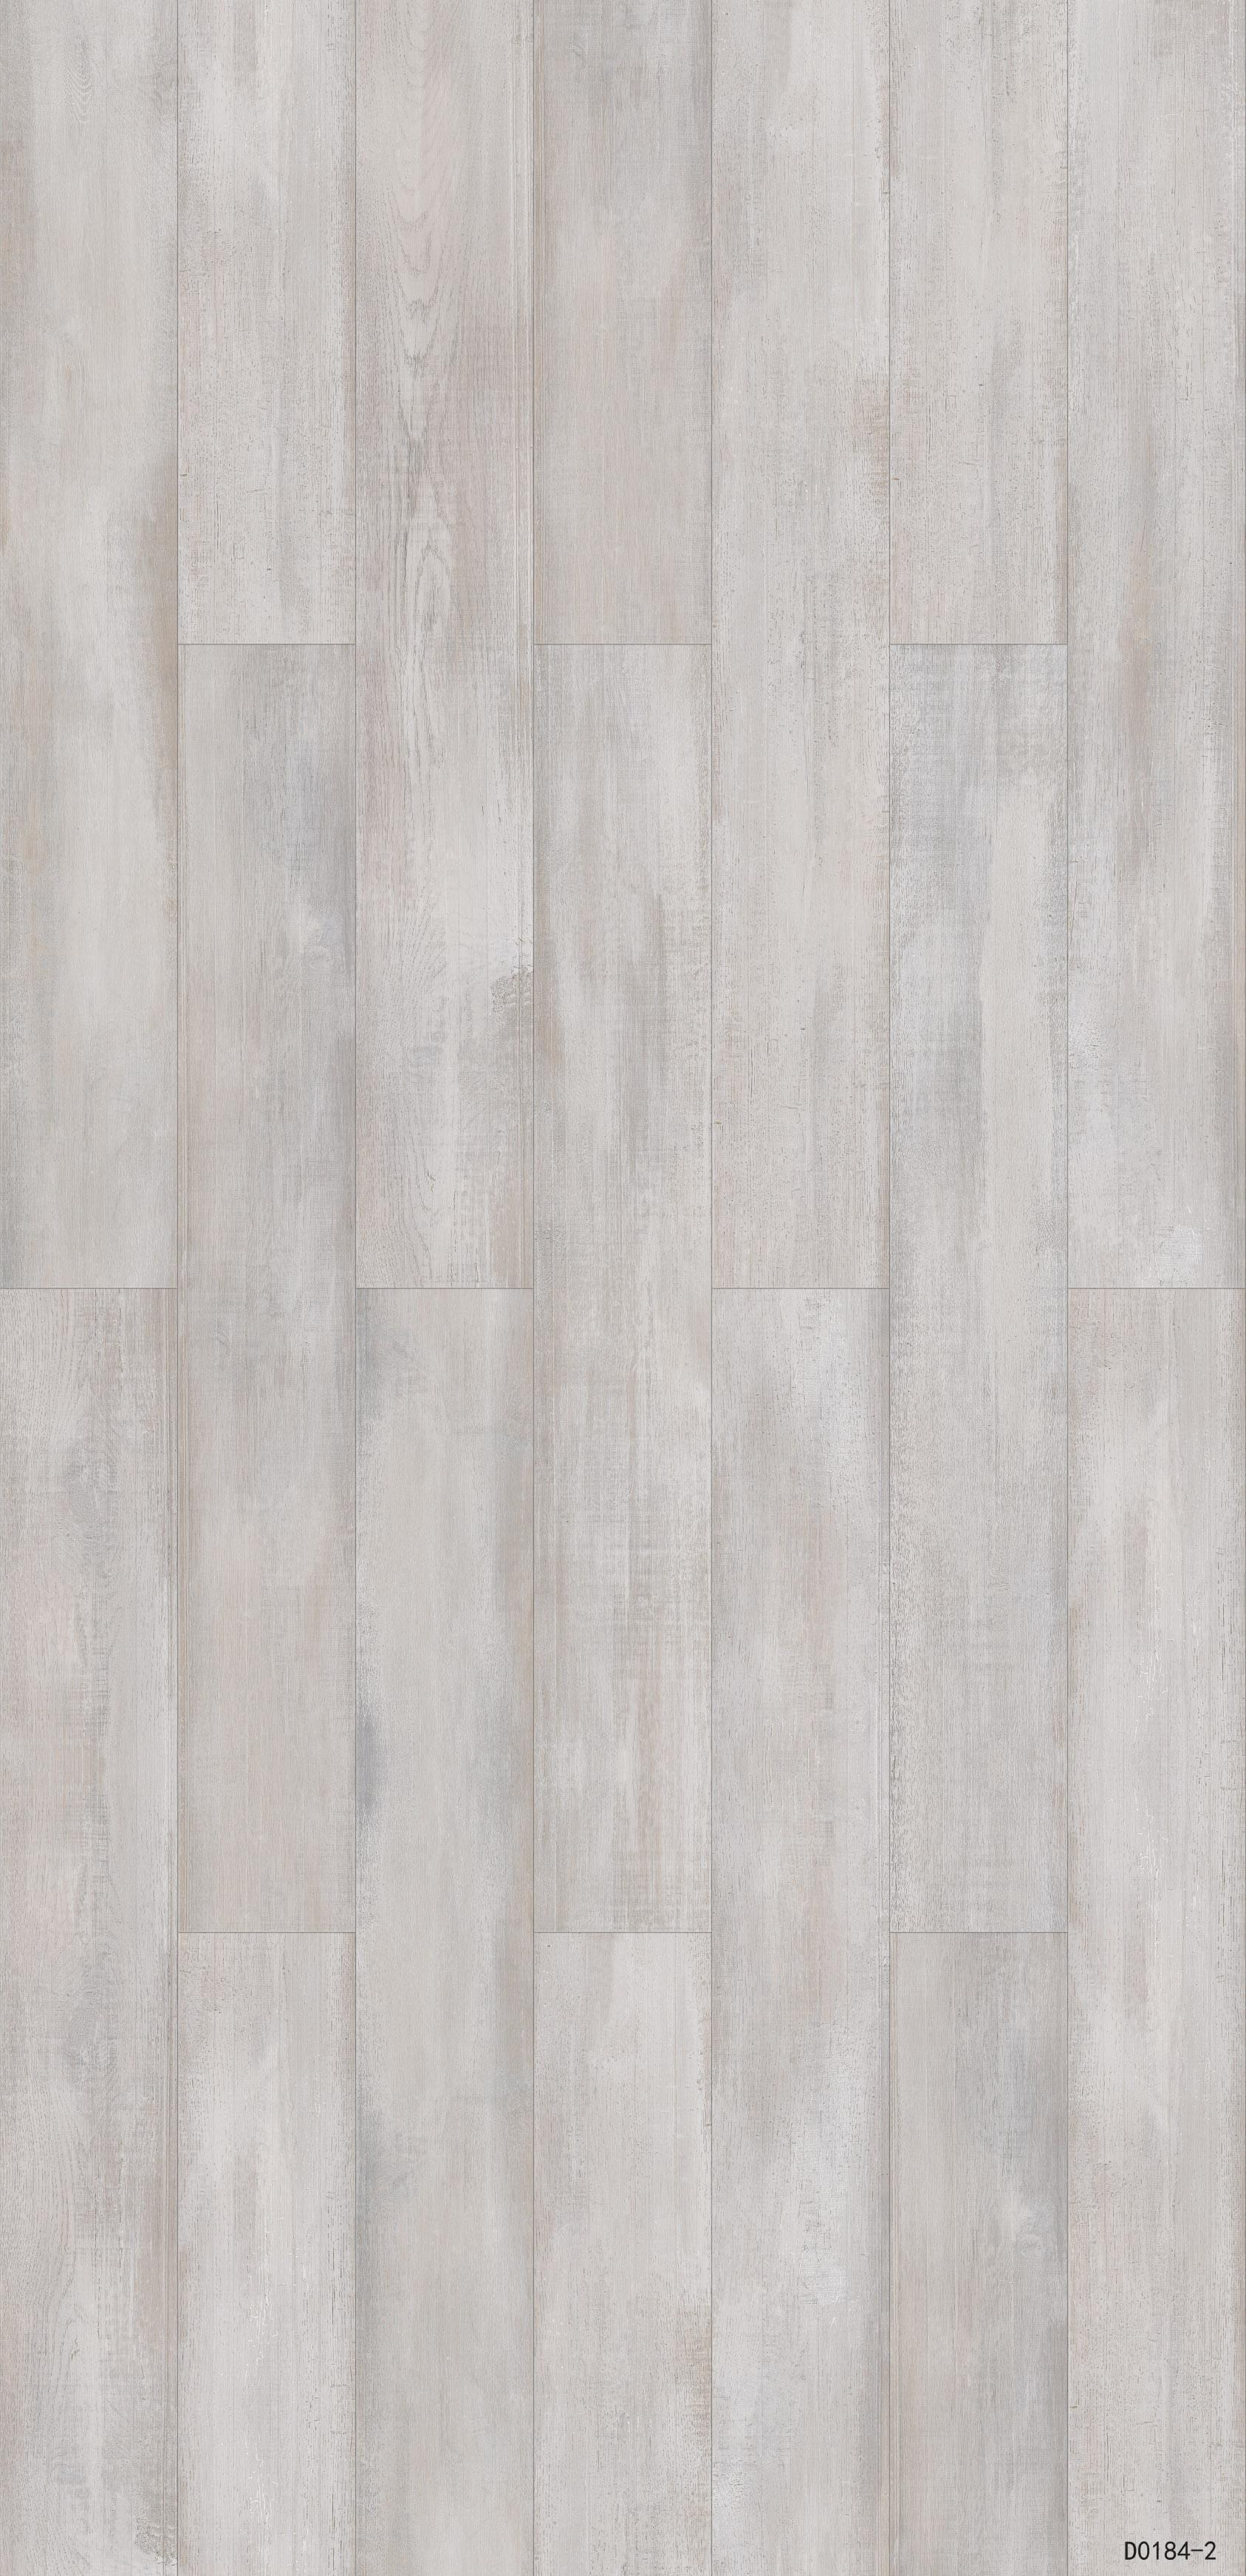 现代简约真木纹地板